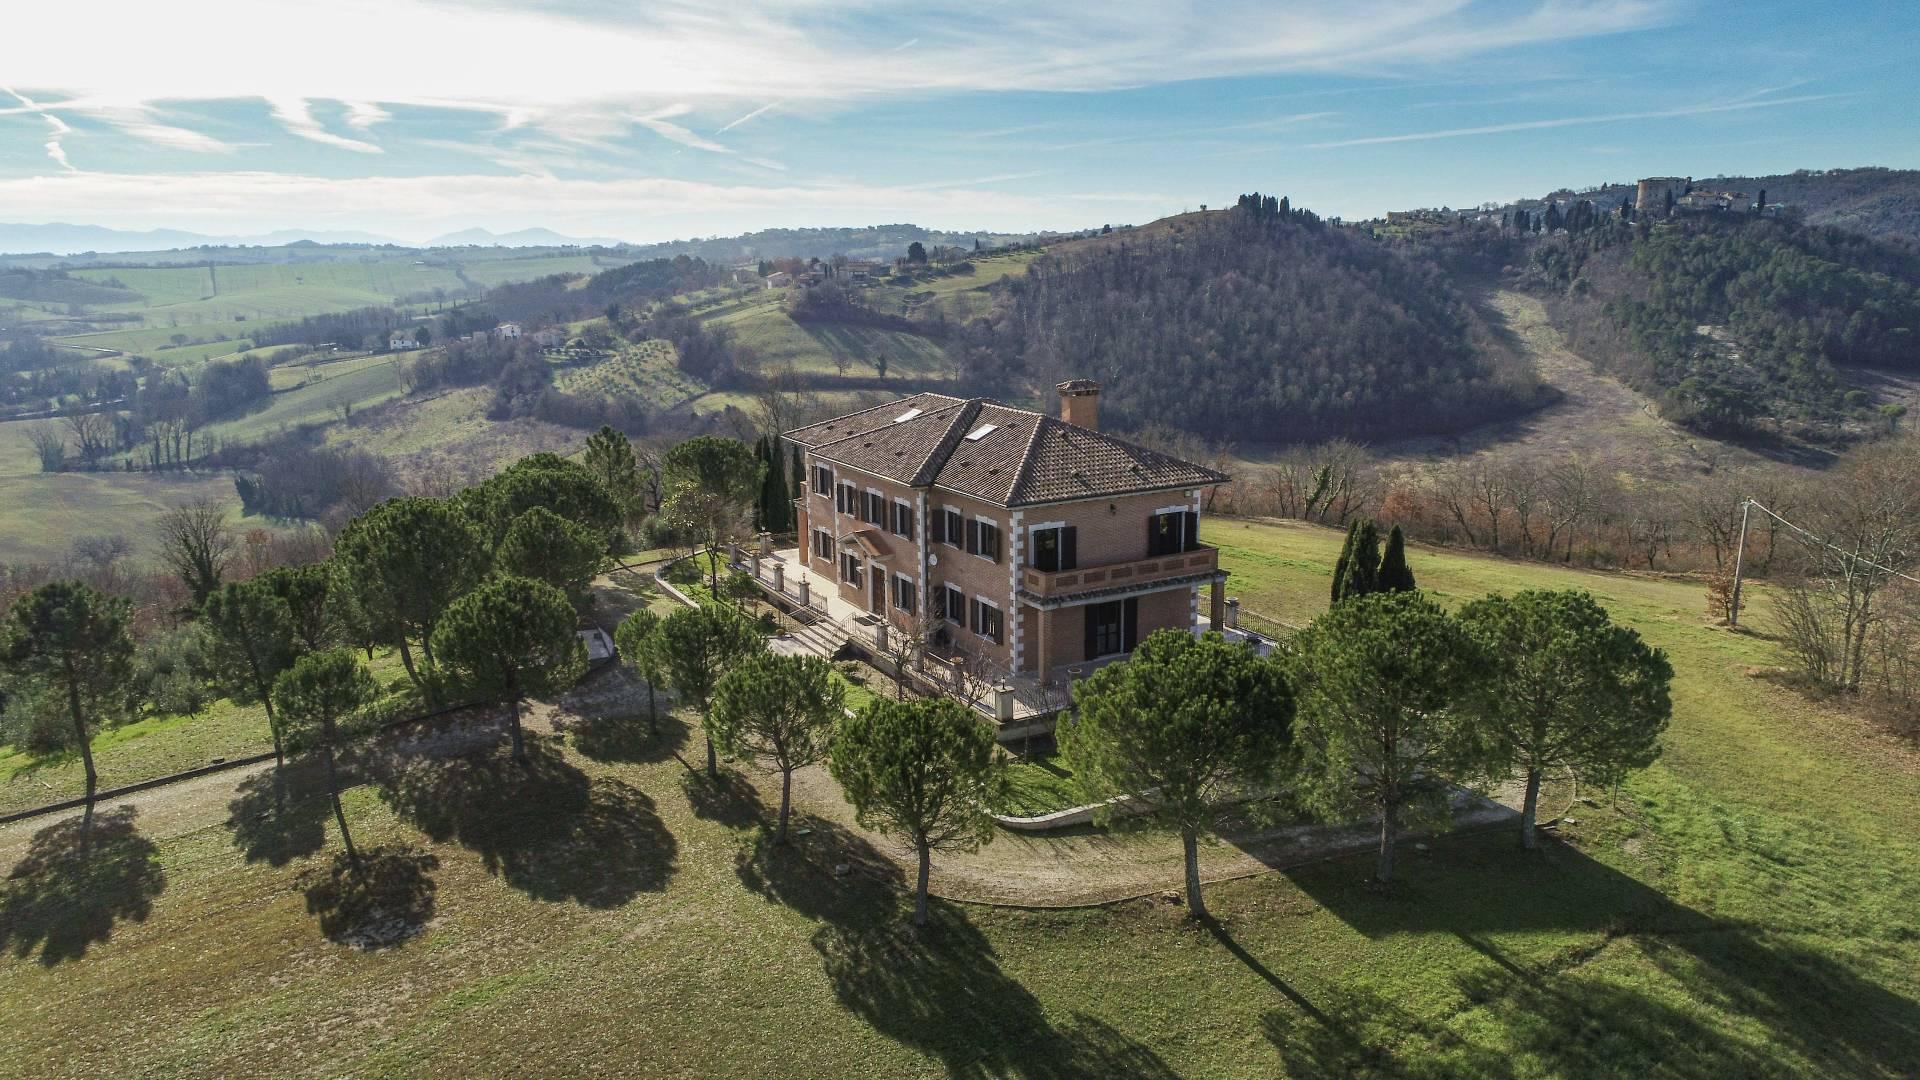 Villa in vendita a Avigliano Umbro, 20 locali, zona Zona: Sismano, prezzo € 3.200.000 | CambioCasa.it